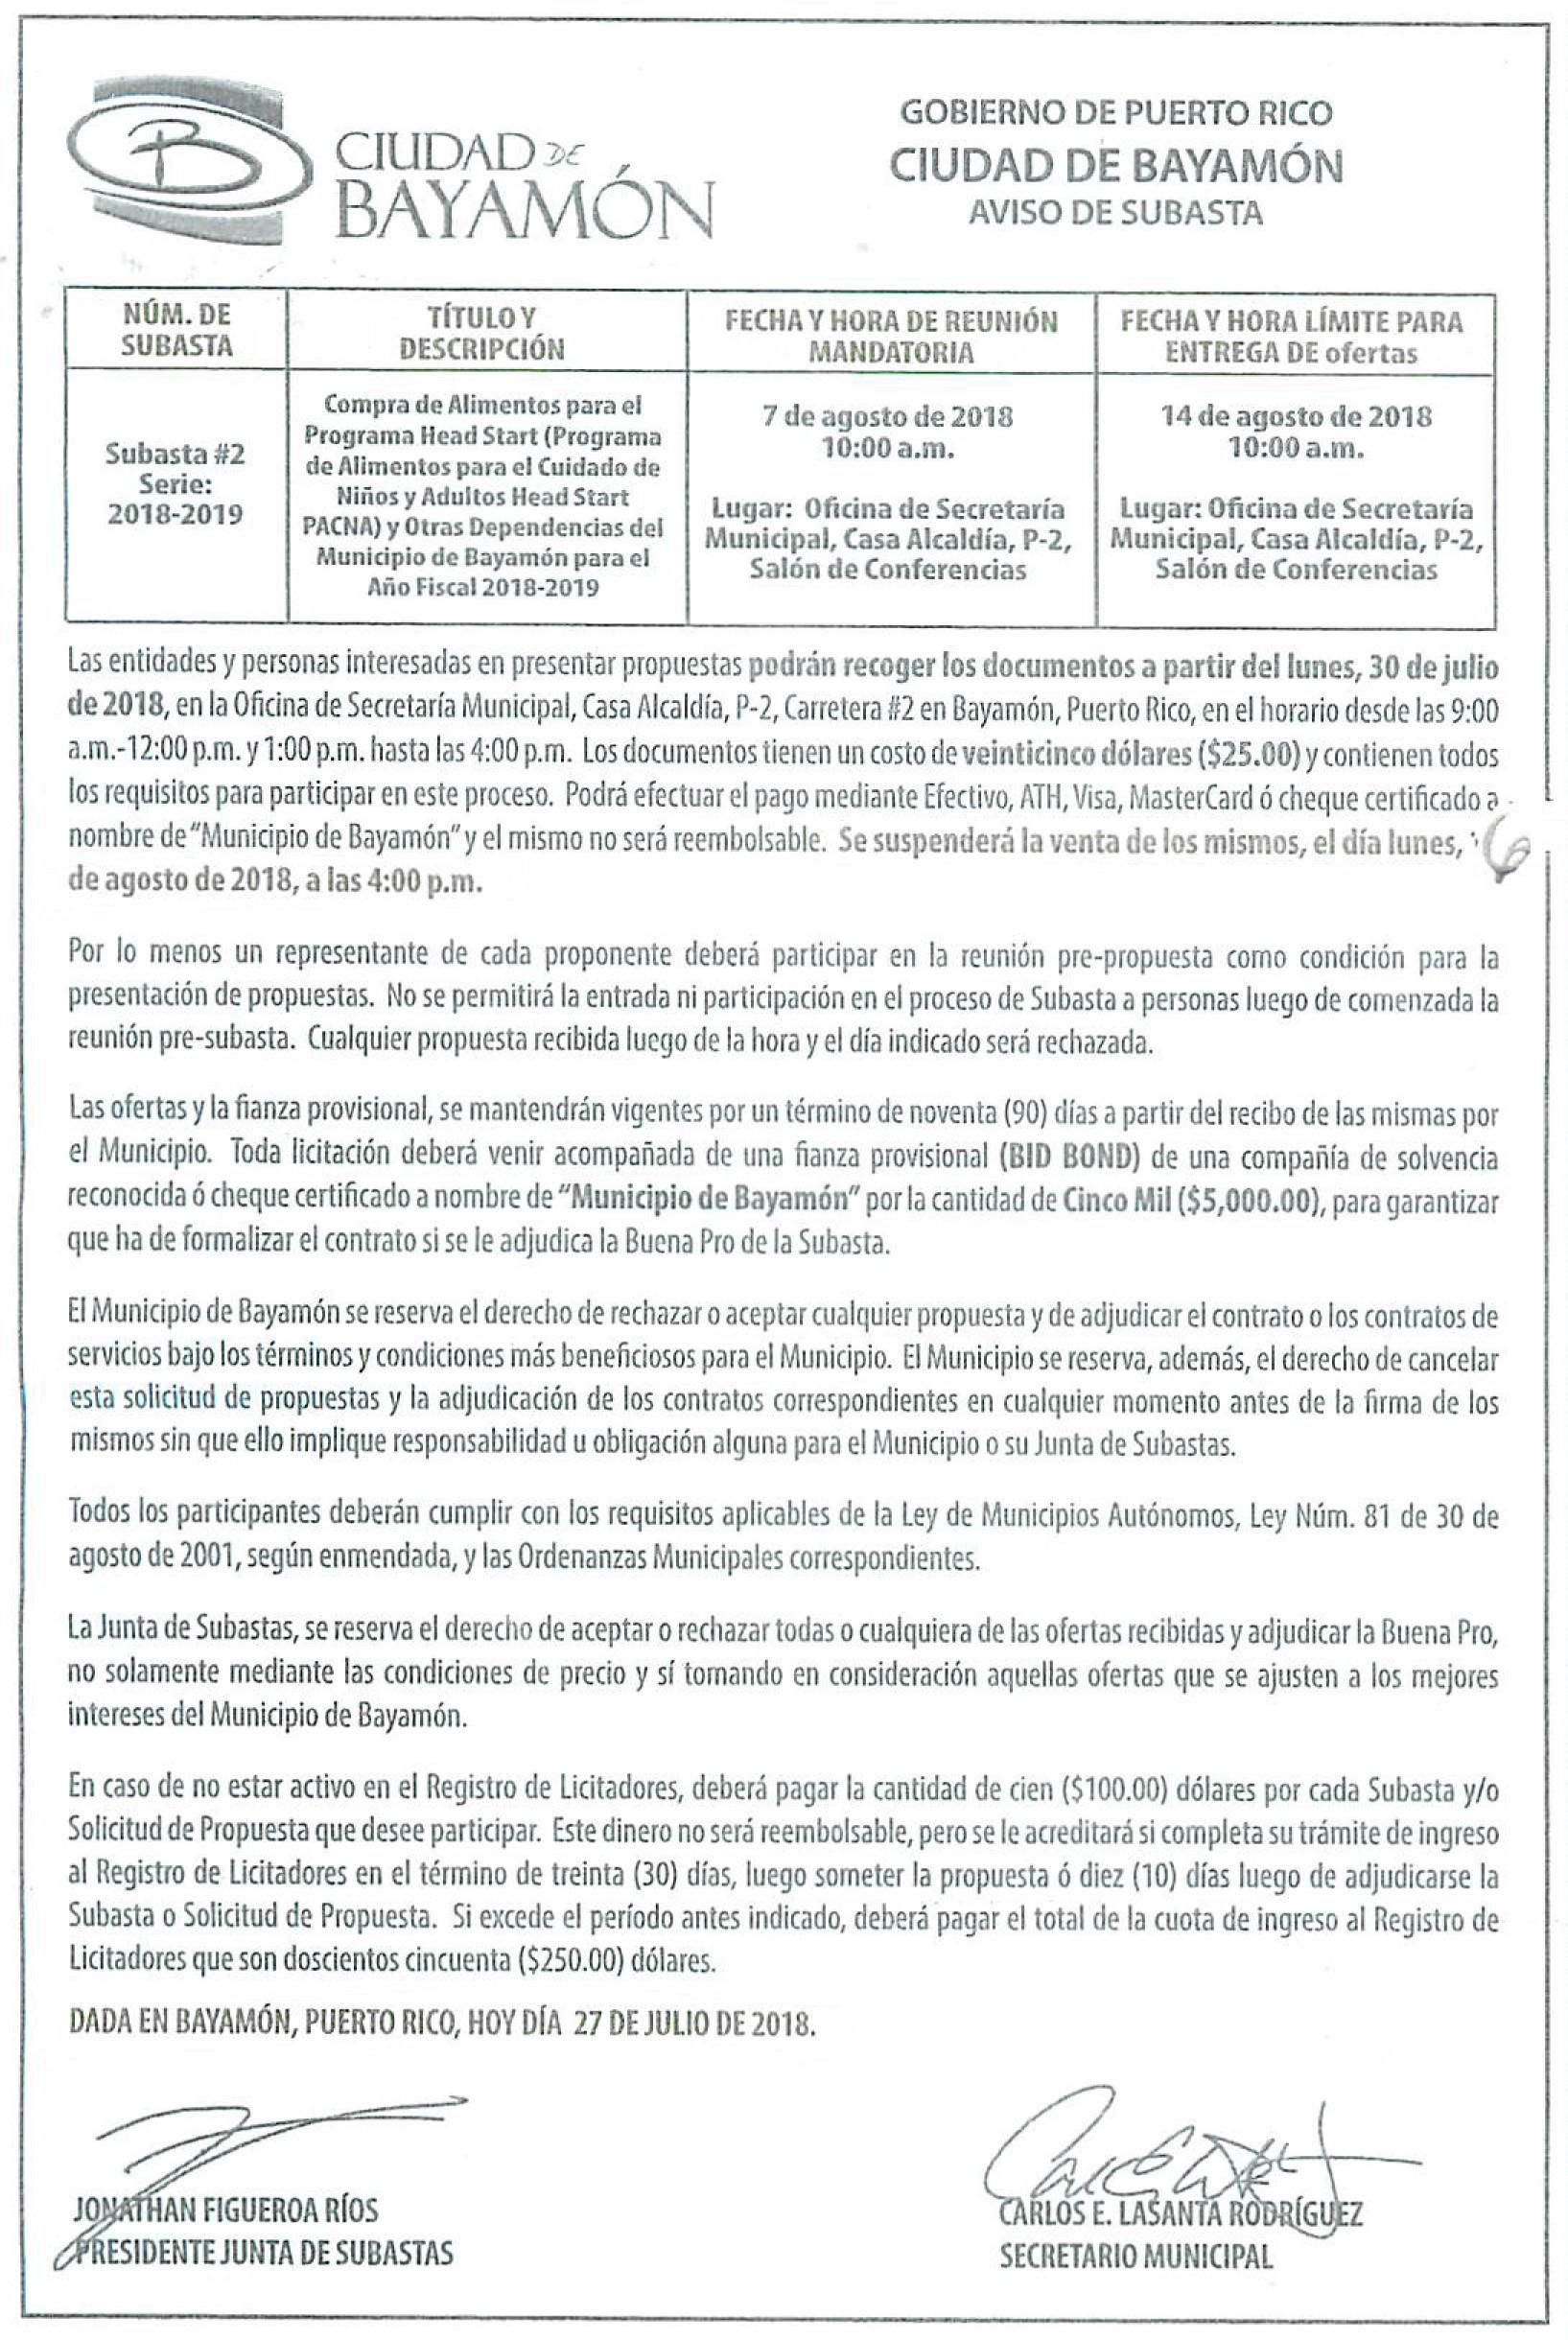 Calendario 2019 De Chile Para Imprimir Más Actual Avisos Pºblicos Ciudad De Bayam³n Of Calendario 2019 De Chile Para Imprimir Actual Cursos Od Y De Carrera En Inglés 2 2016 Relaciones